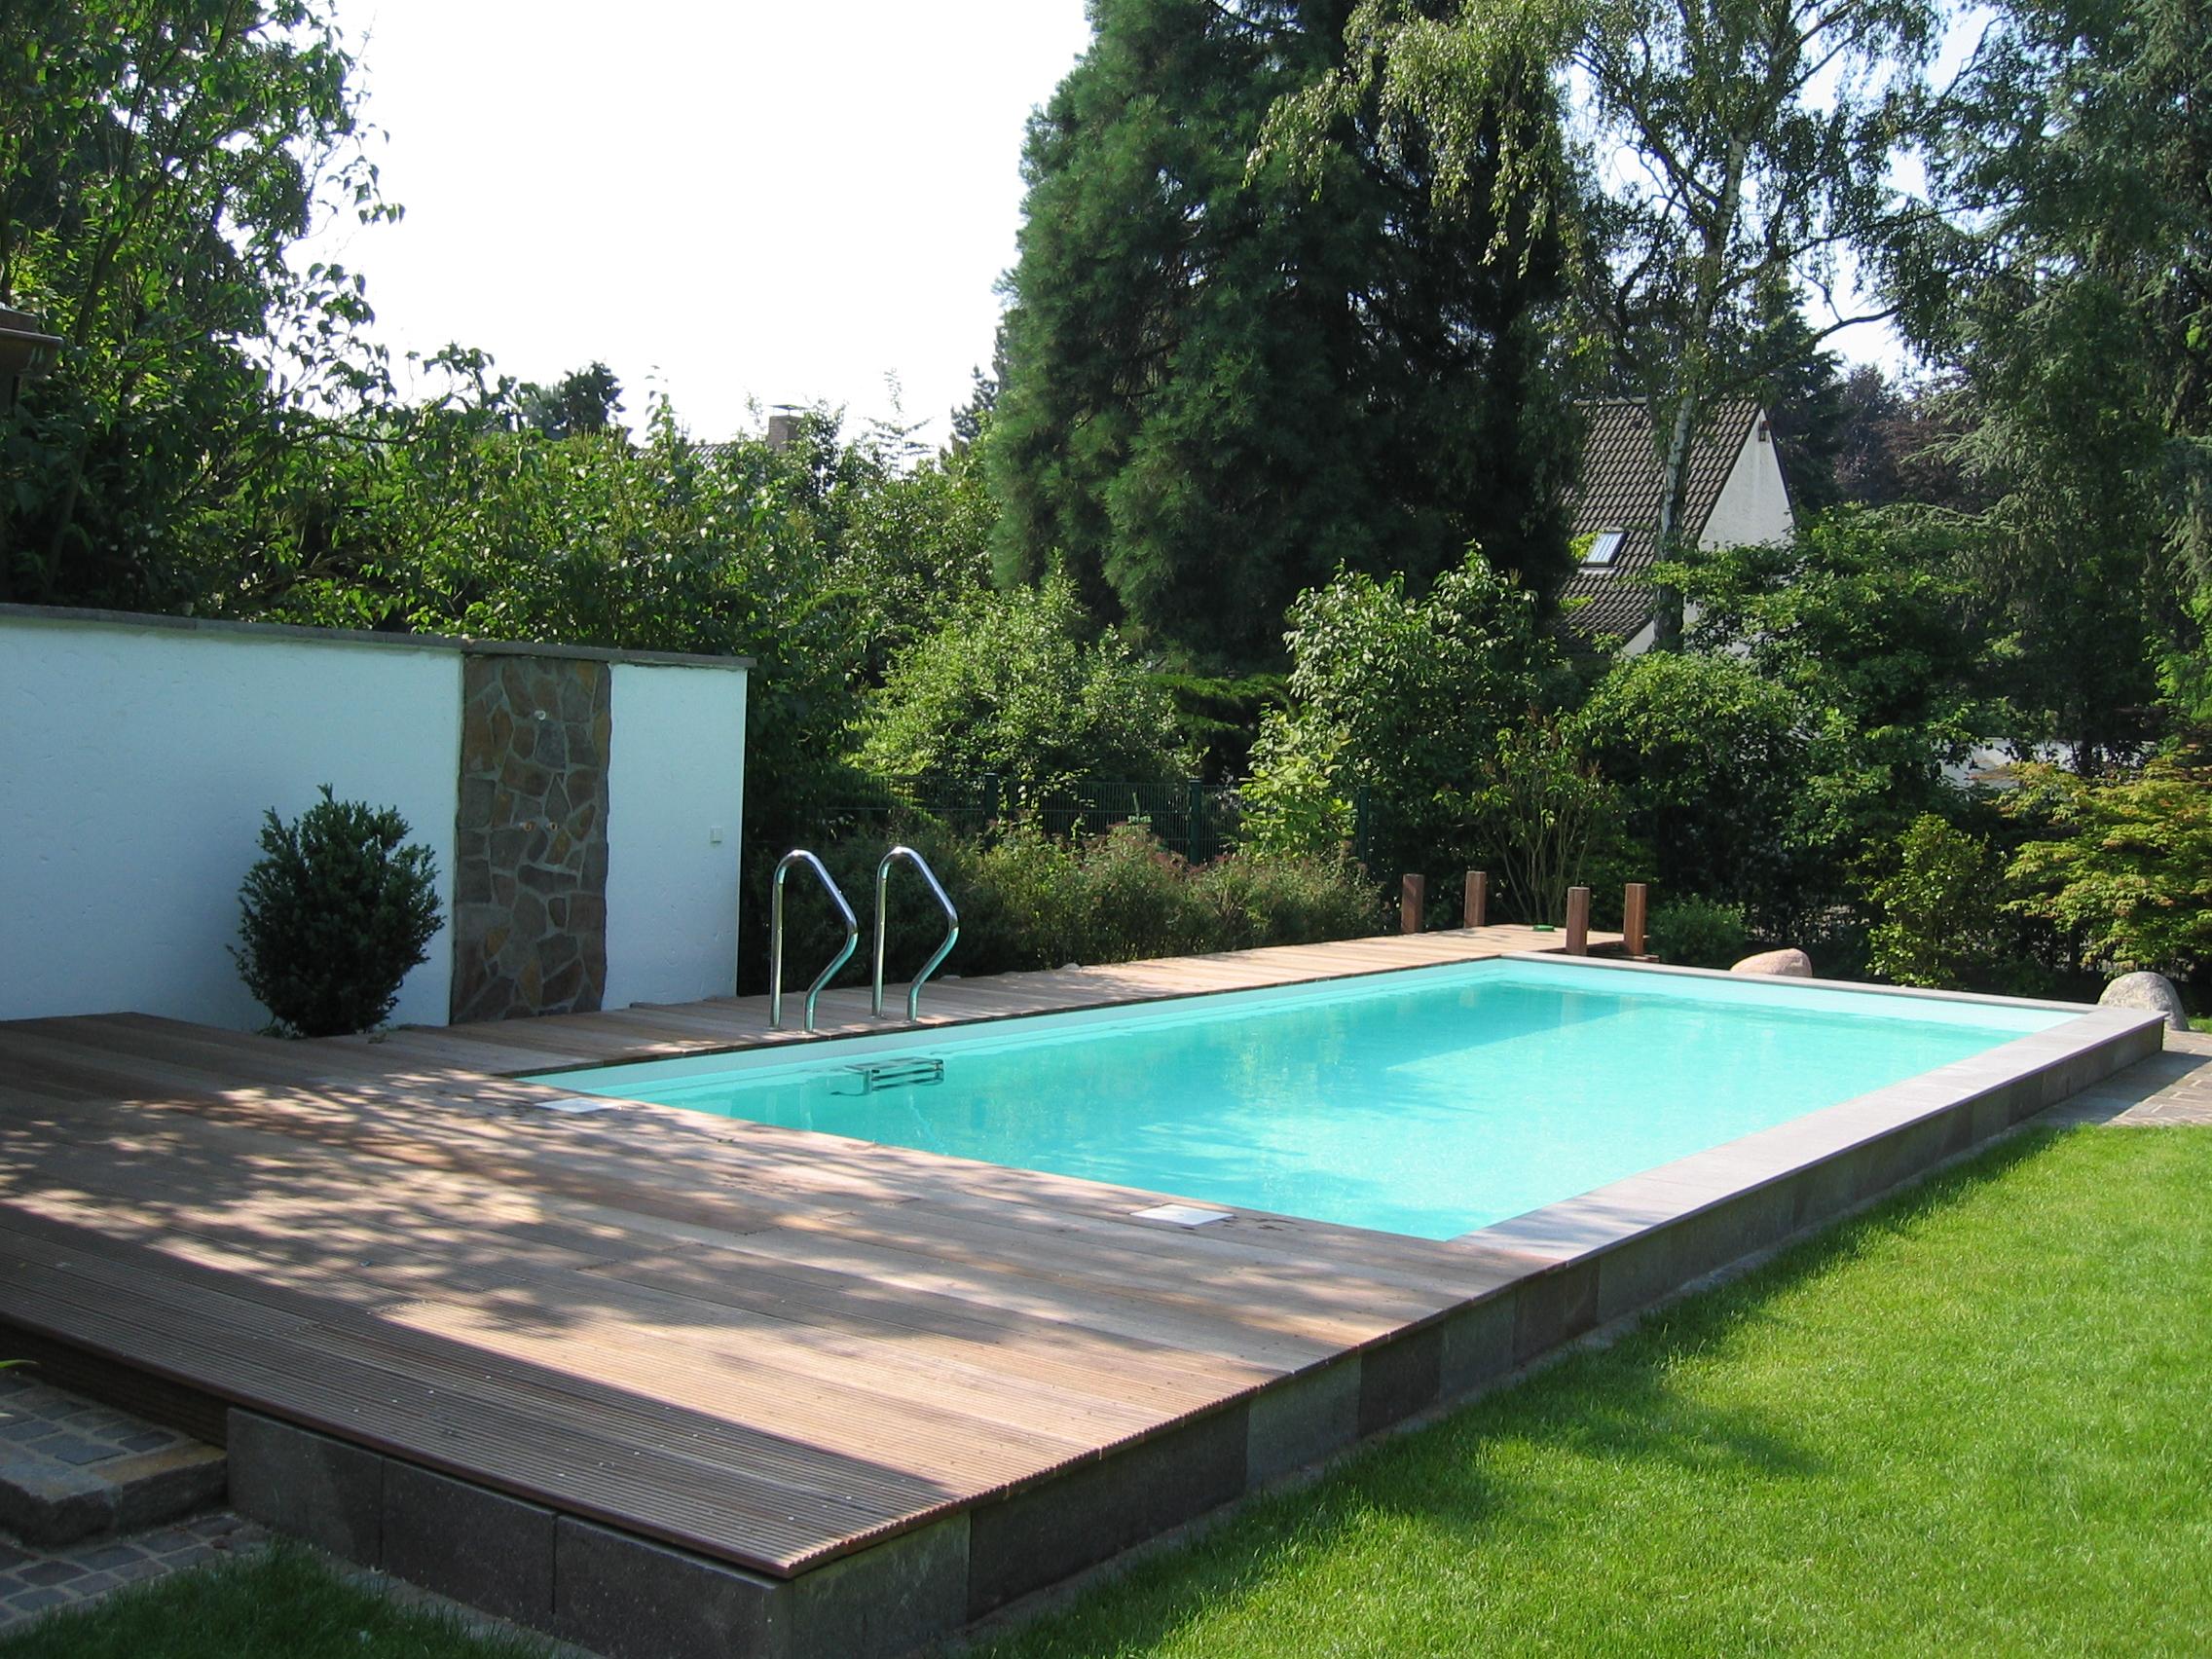 Schwimmbad im Garten mit Steg